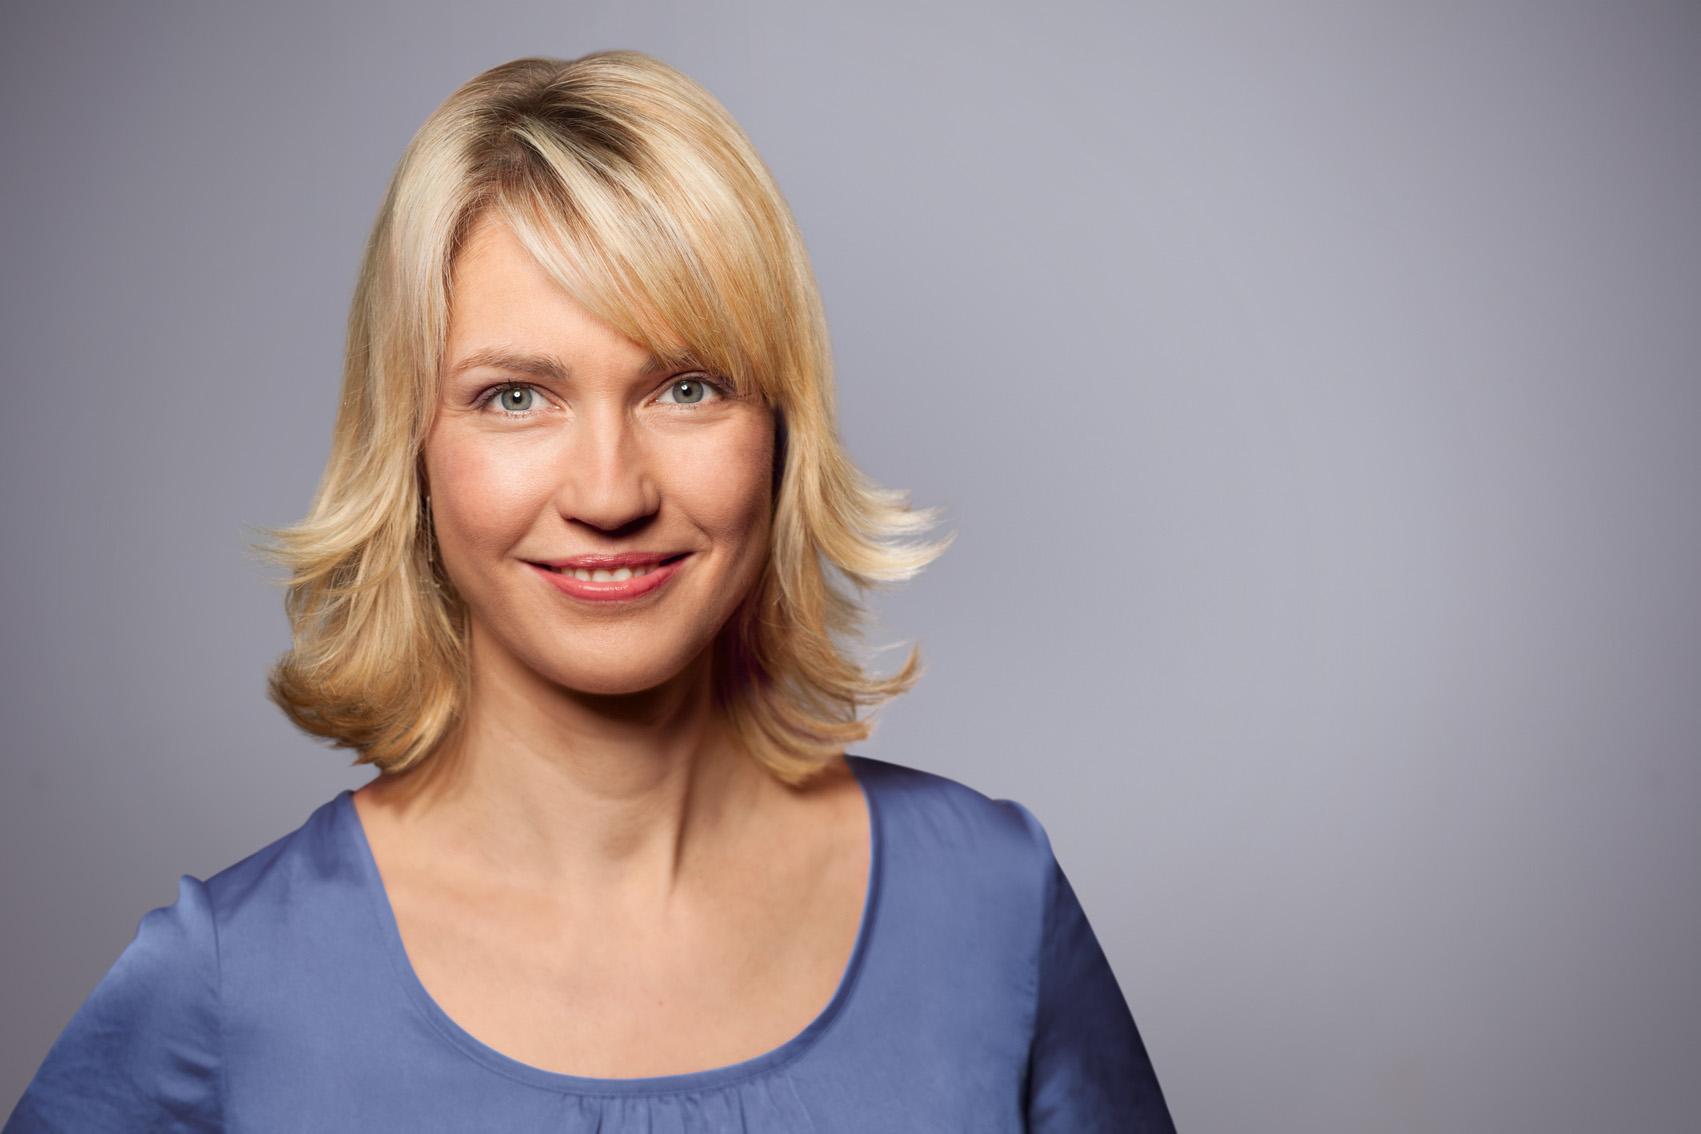 Manuela Schwesig - Bundesministerin für Familie, Senioren, Frauen und Jugend.